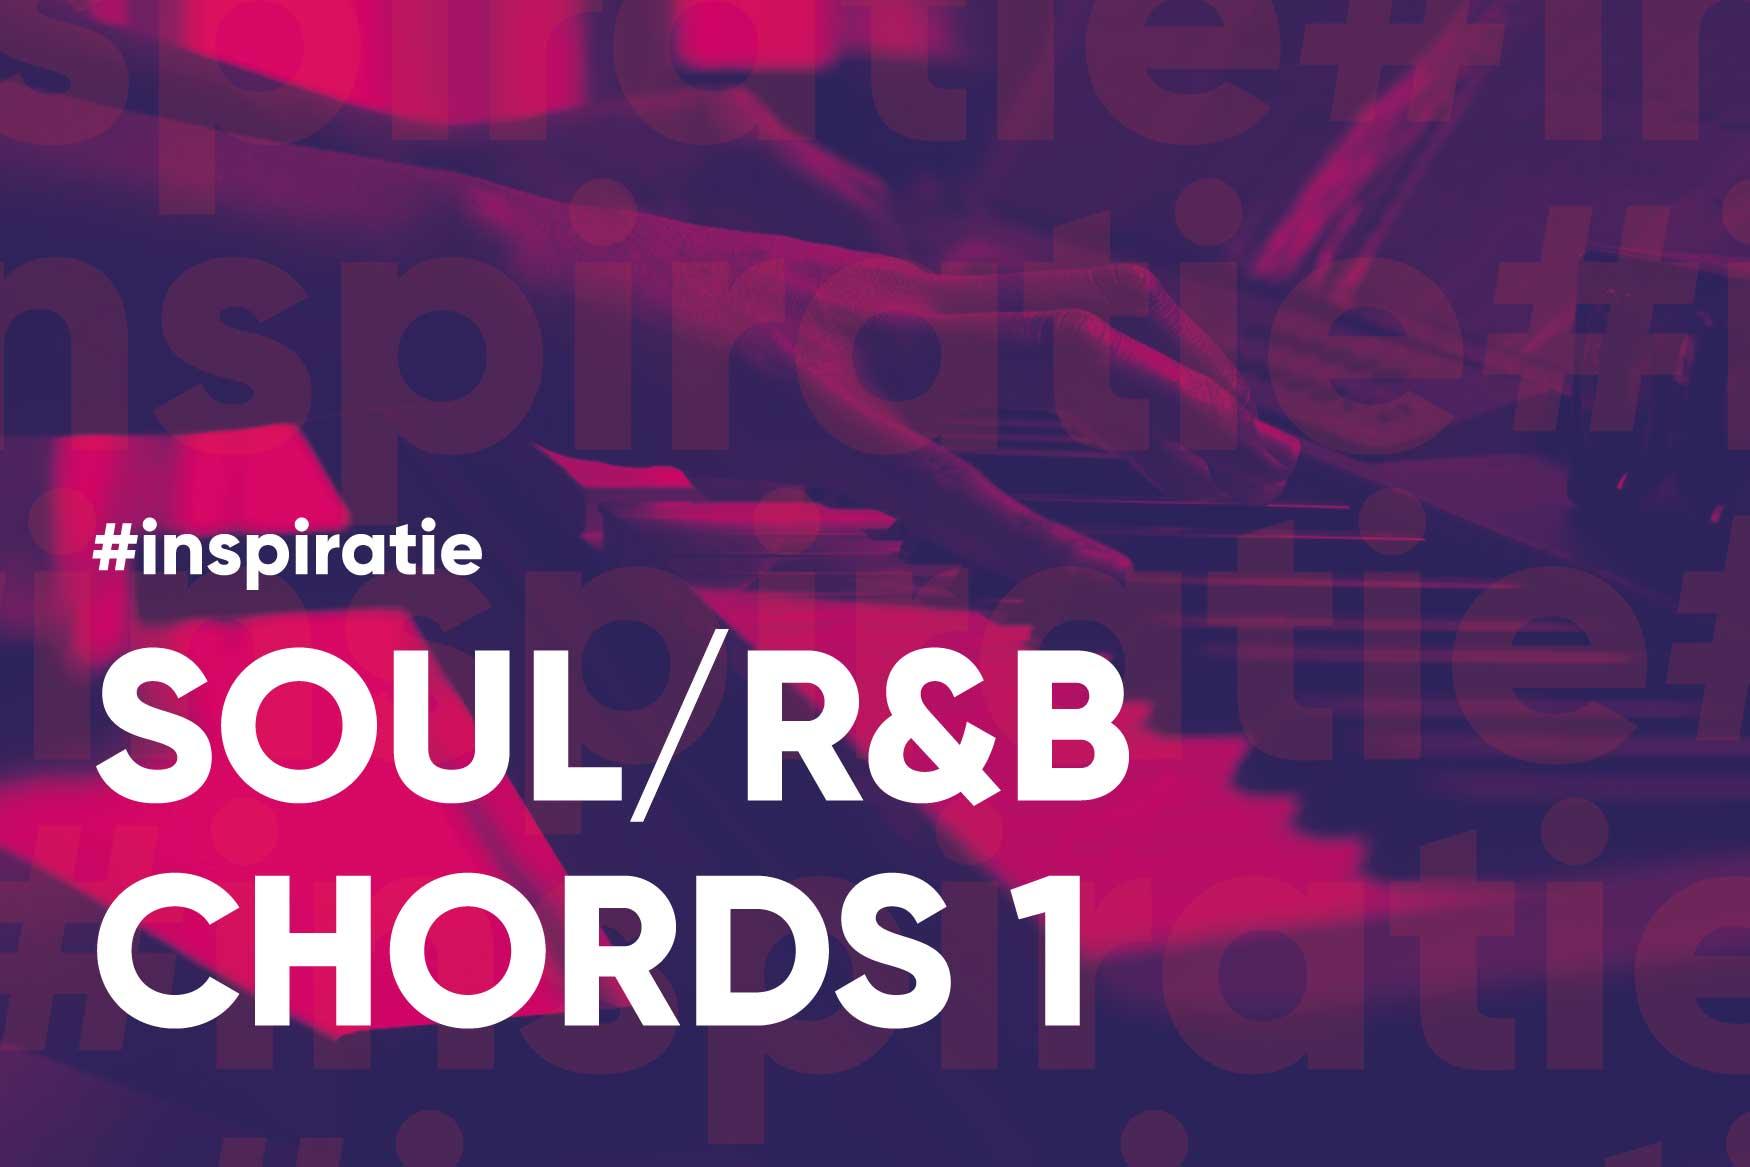 Soul-R&B-Chords